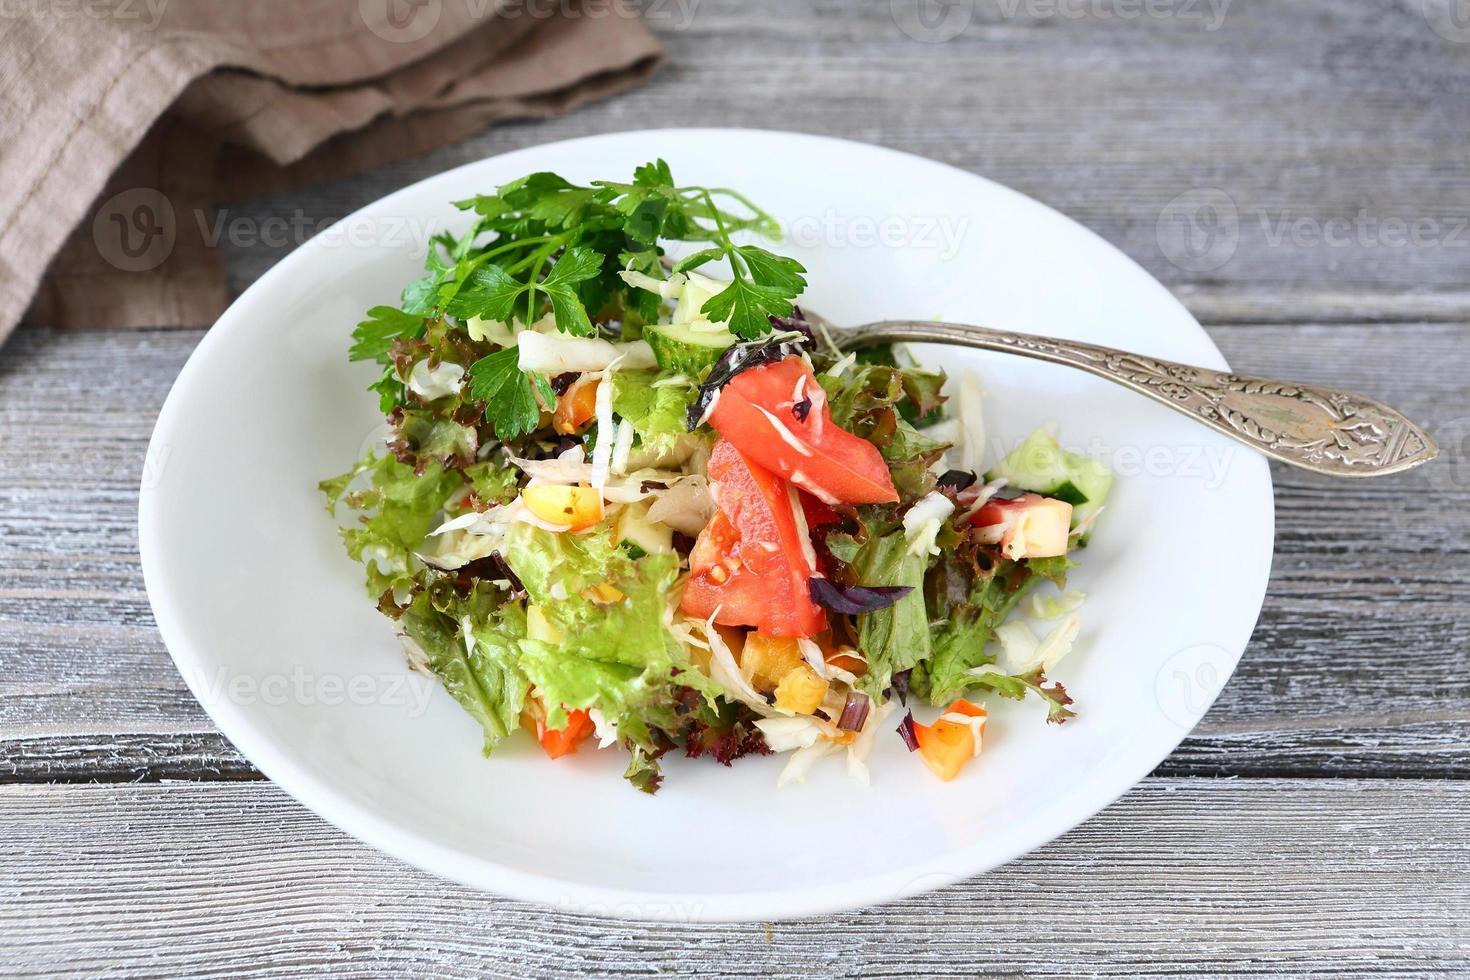 sallad med grönsaker på en tallrik foto